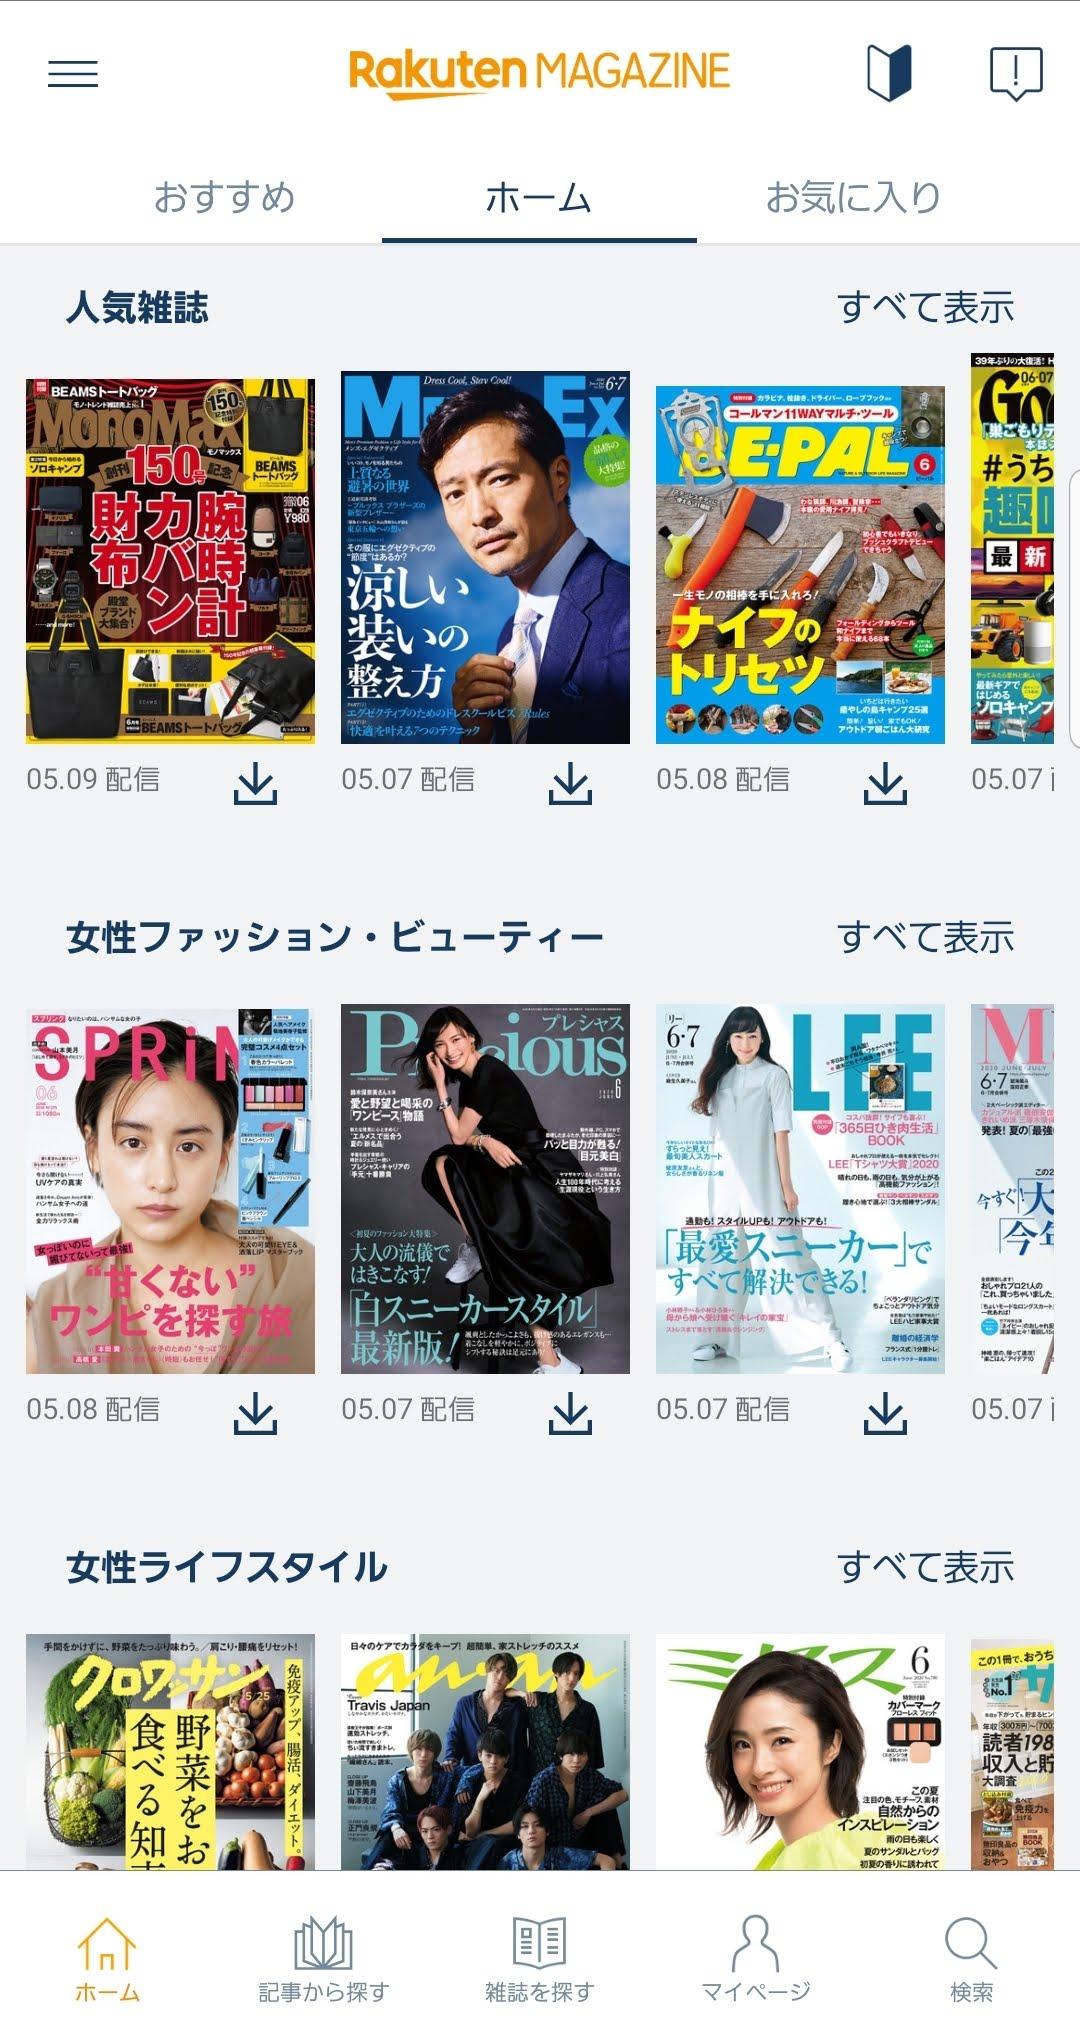 RMagazine home